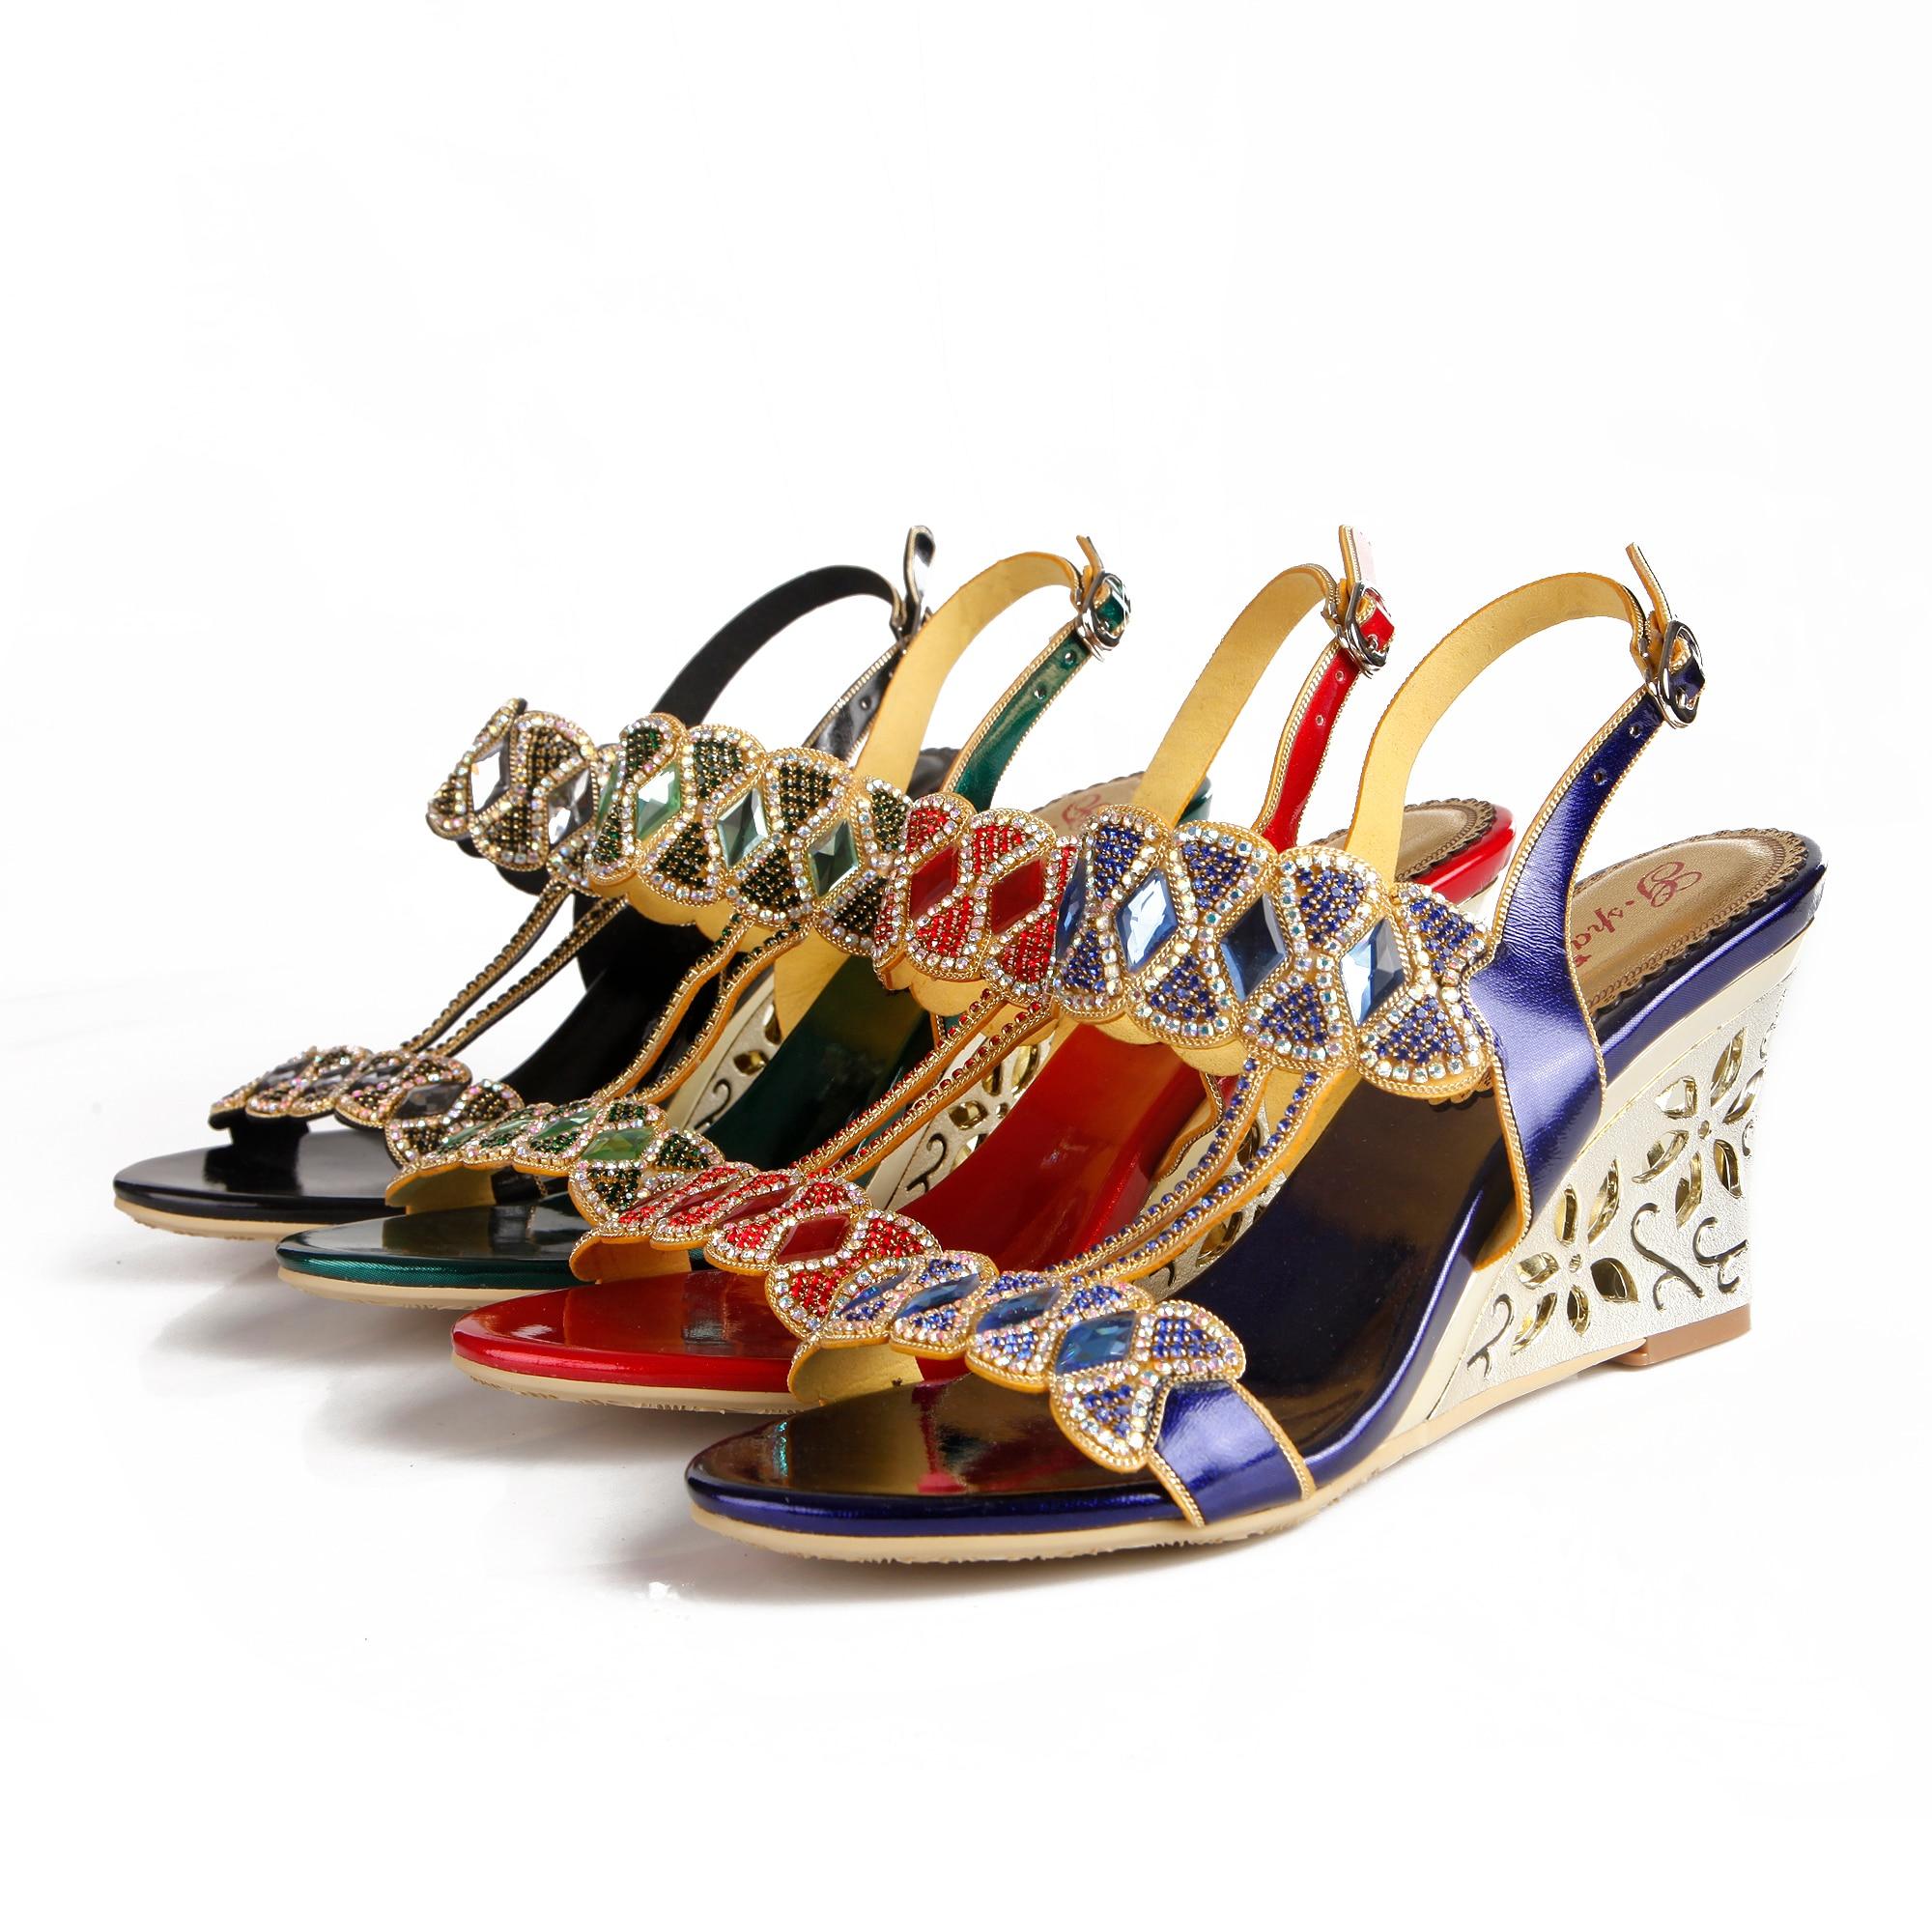 Christia Bella robe formelle talons hauts sandales talons compensés boucle strass chaussures bout ouvert fête chaussures de mode pour dames